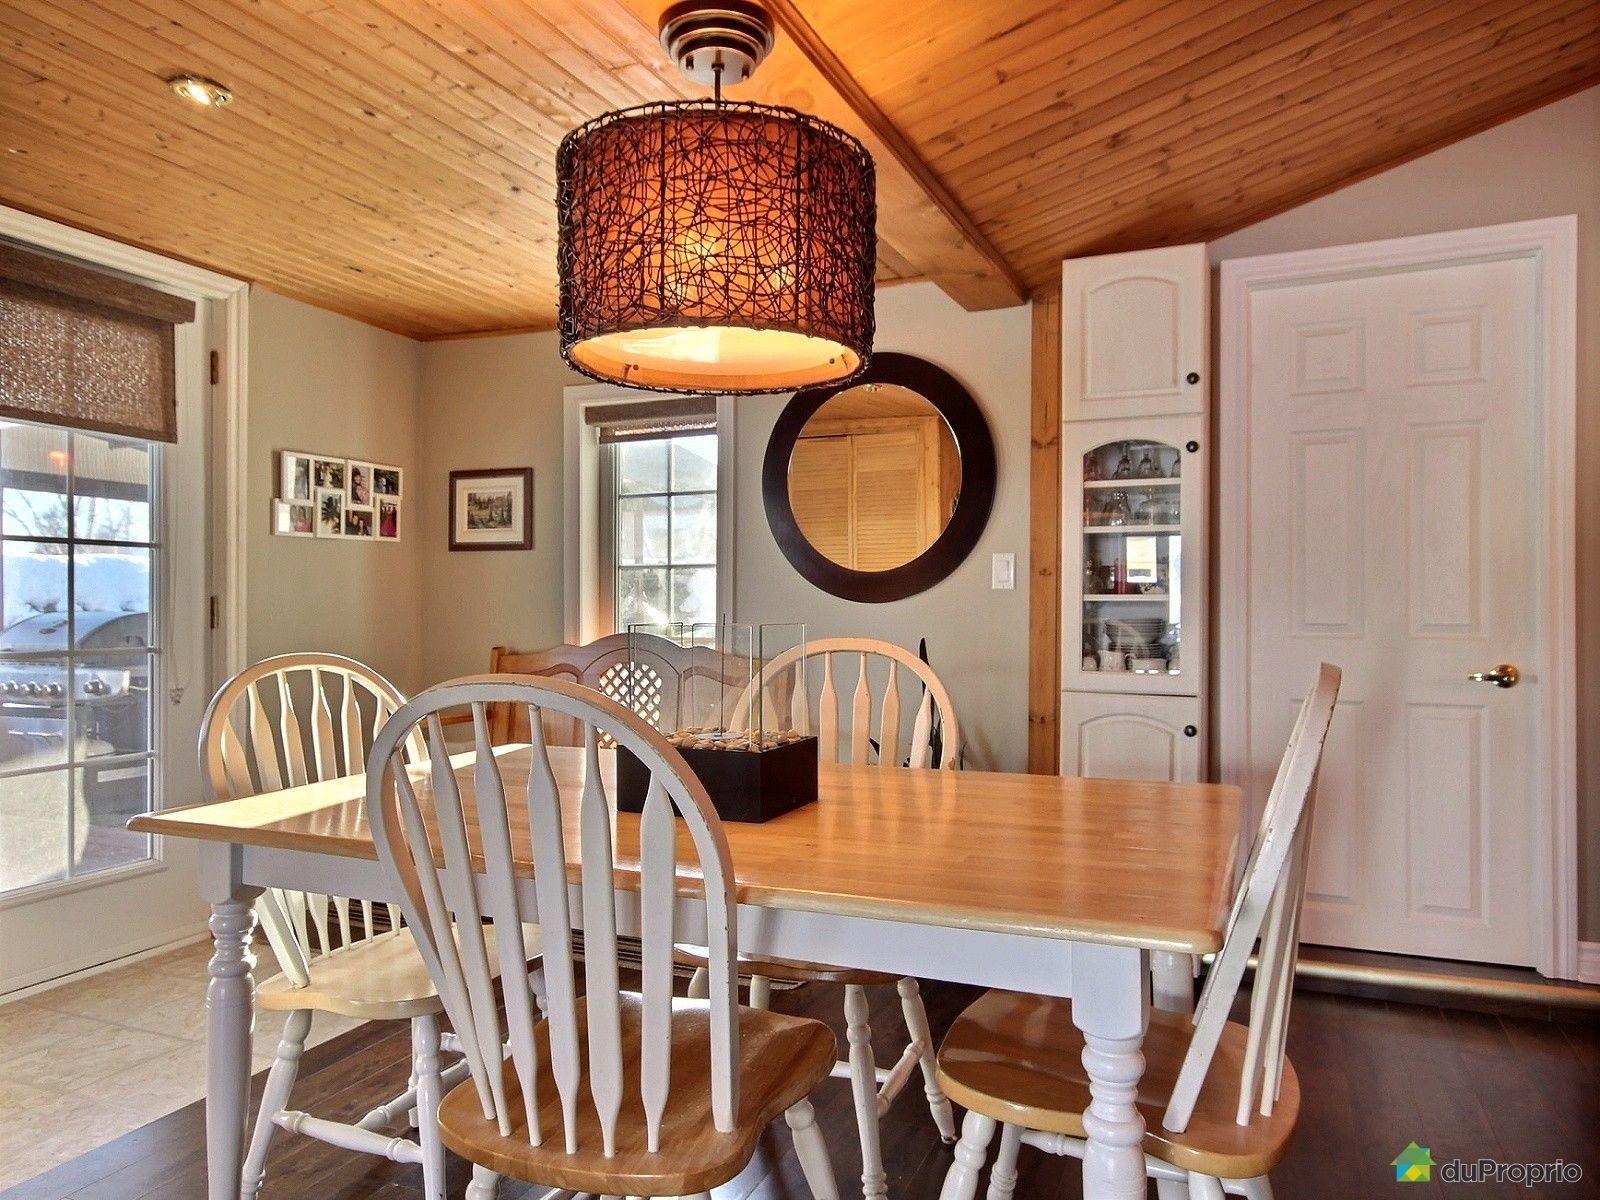 maison vendre fossambault sur le lac 29 avenue du soleil immobilier qu bec duproprio 579859. Black Bedroom Furniture Sets. Home Design Ideas